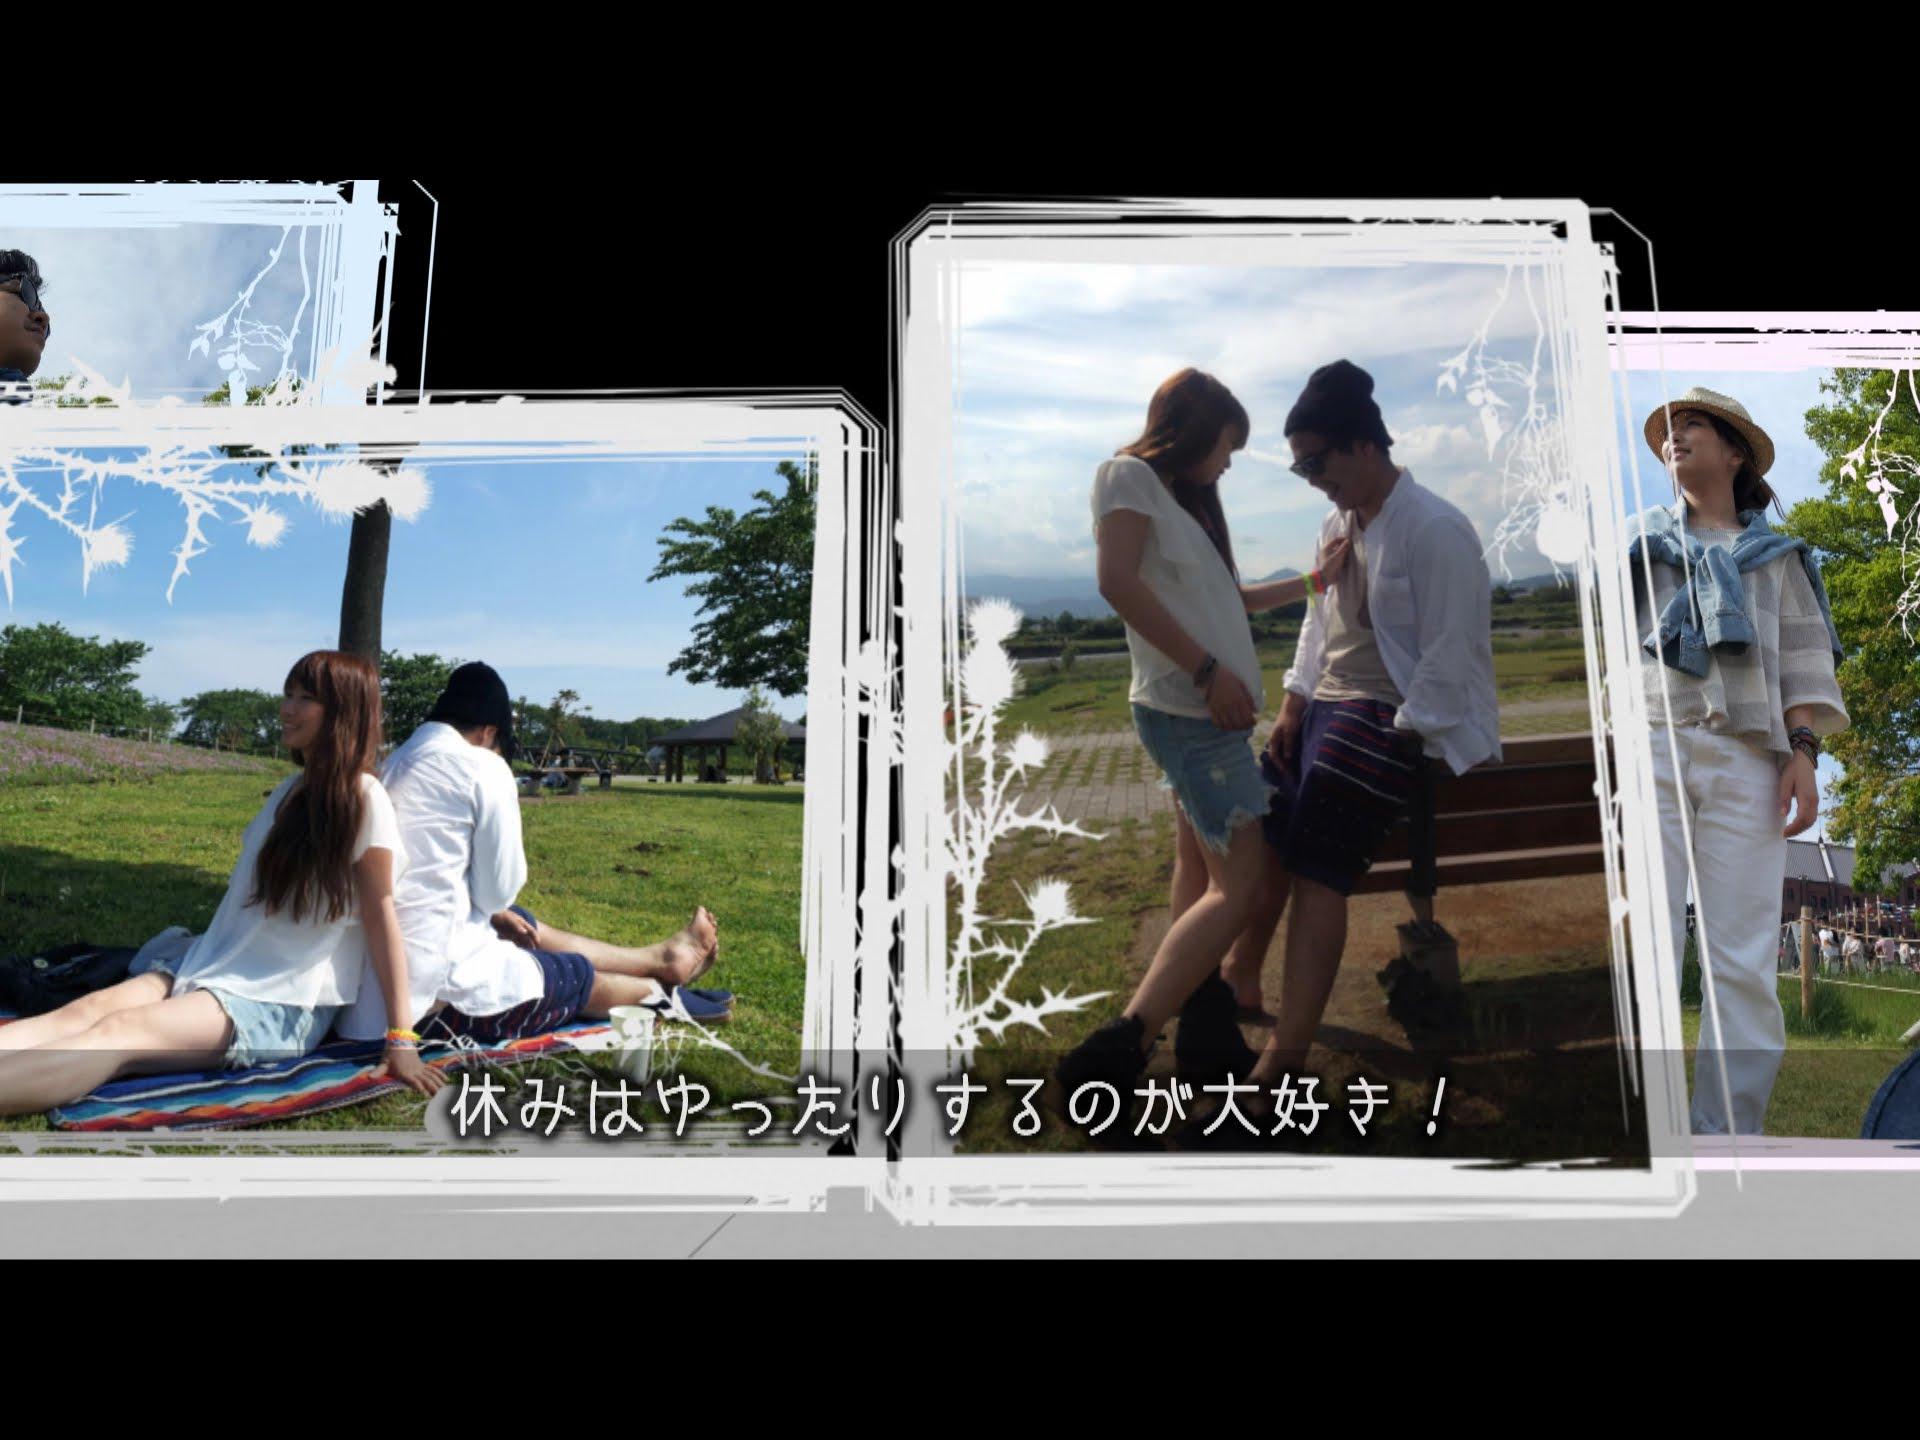 【紹介】再現映像やモザイクアートなど盛りだくさんな結婚式プロフィールビデオ/ひまわりの約束/秦基博